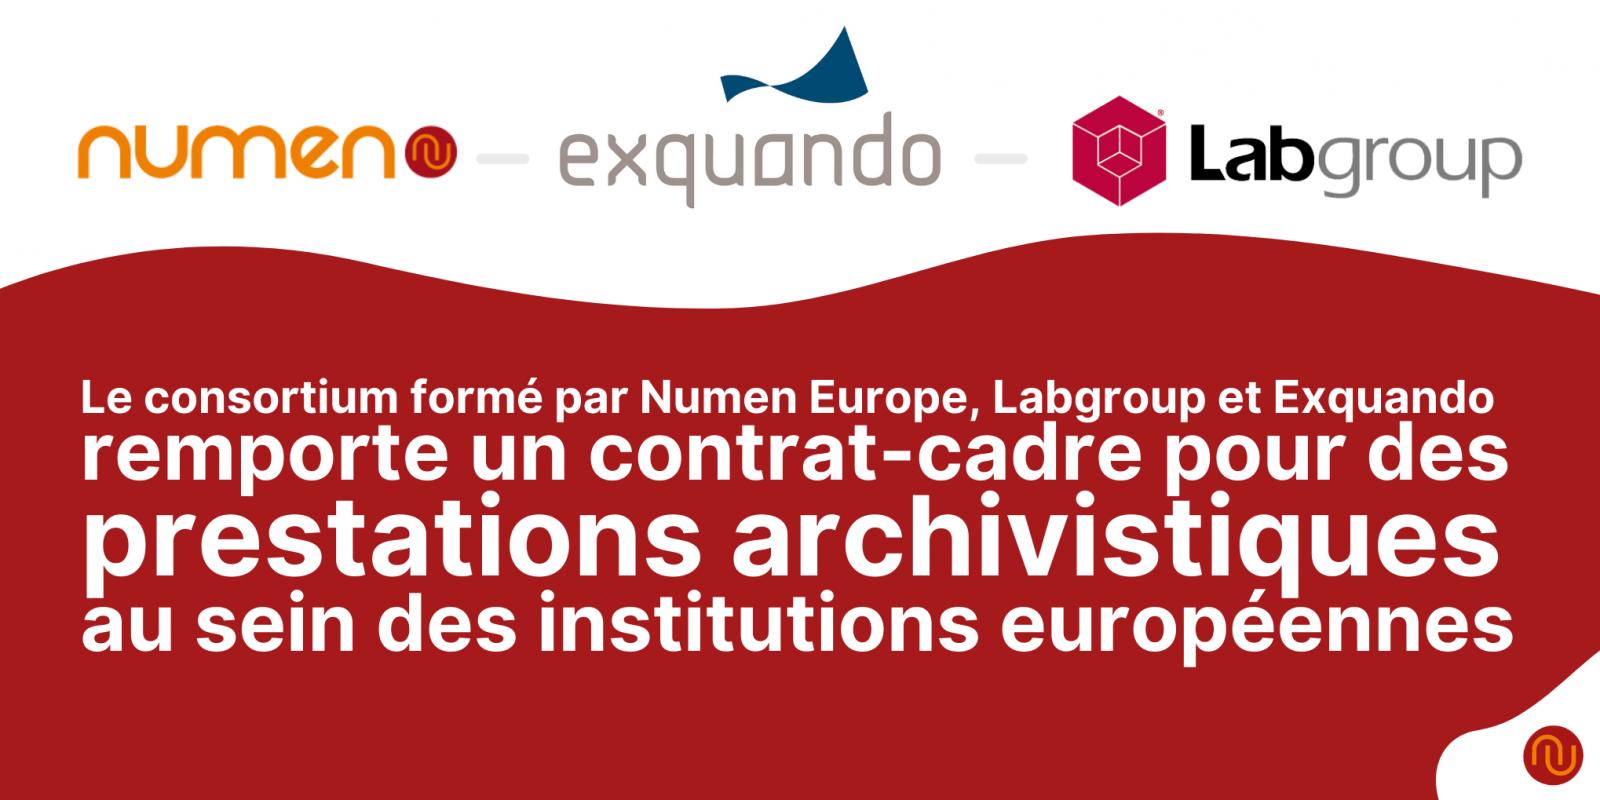 Numen, Labgroup et Exquando remportent un contrat-cadre pour des prestations archivistiques au sein des institutions européennes